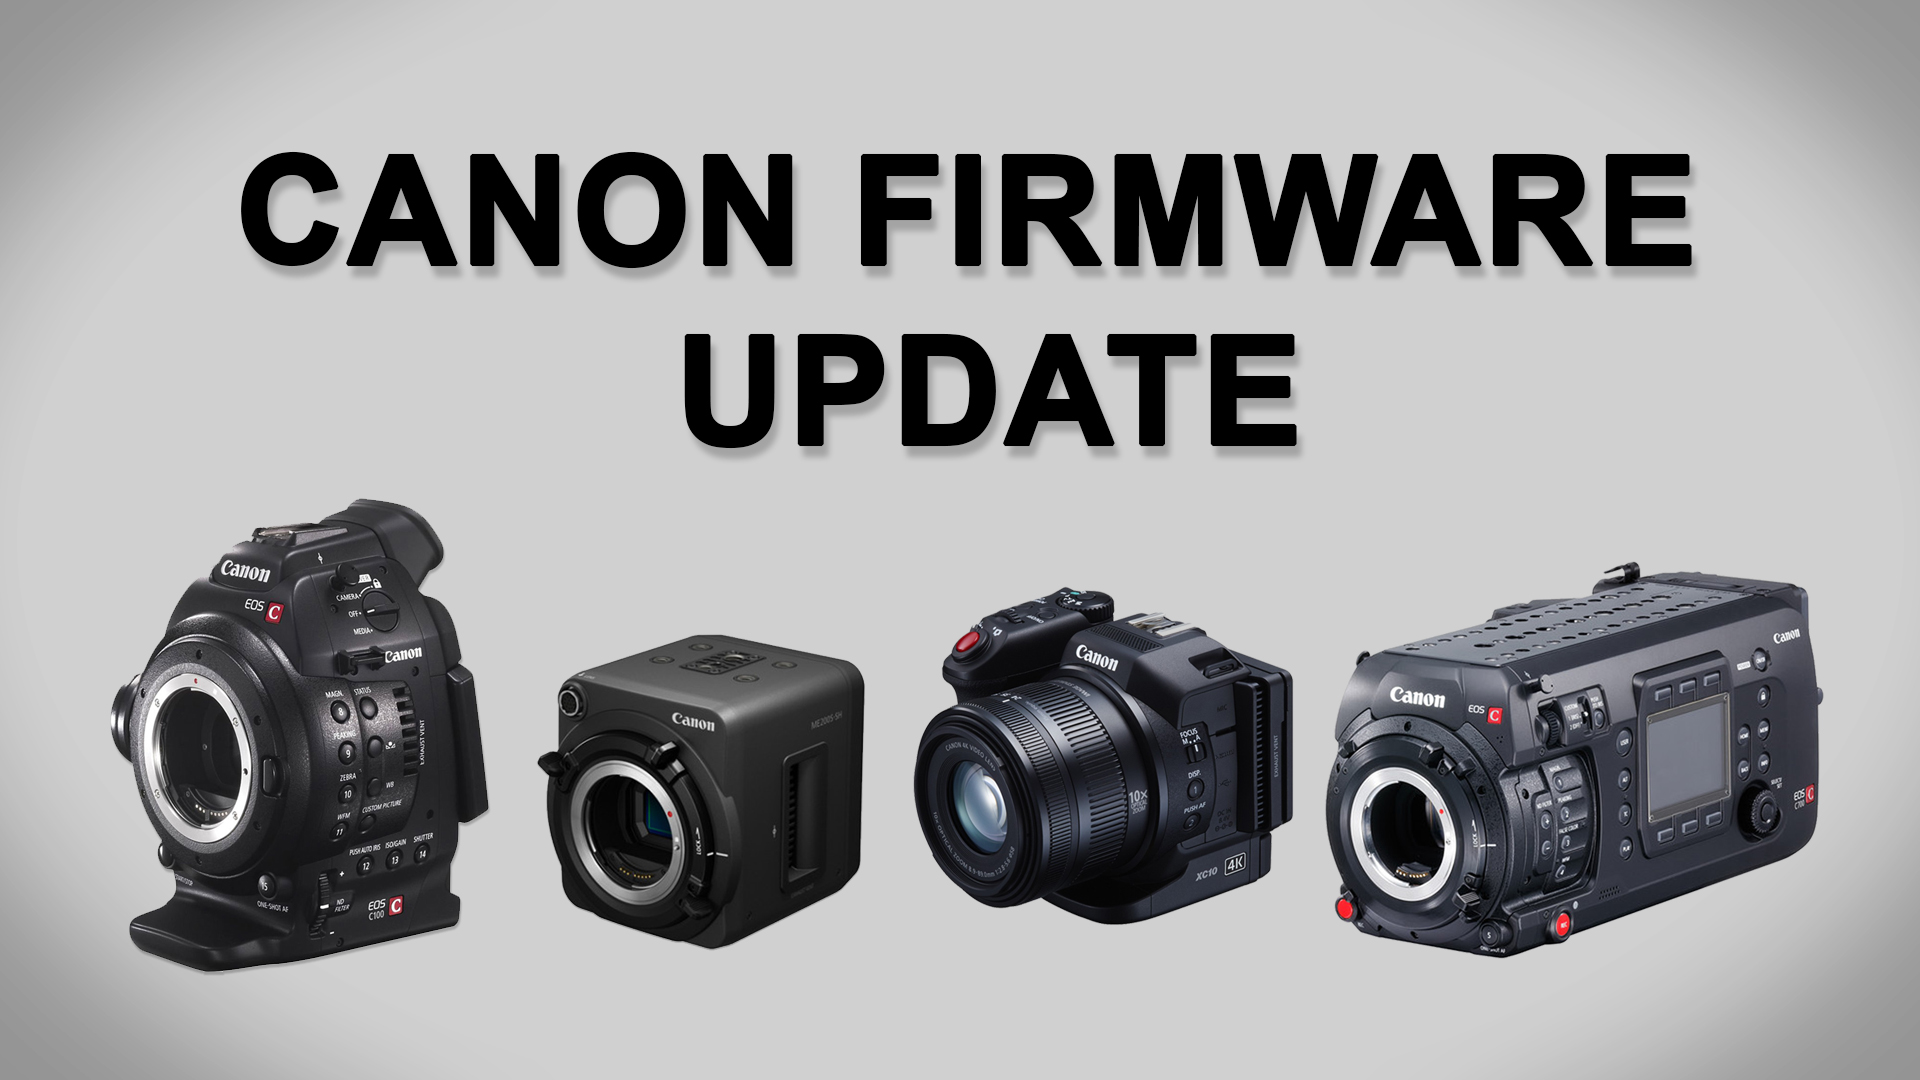 キヤノンがCinemaEOSとXCシリーズのファームウエアアップデートをリリース